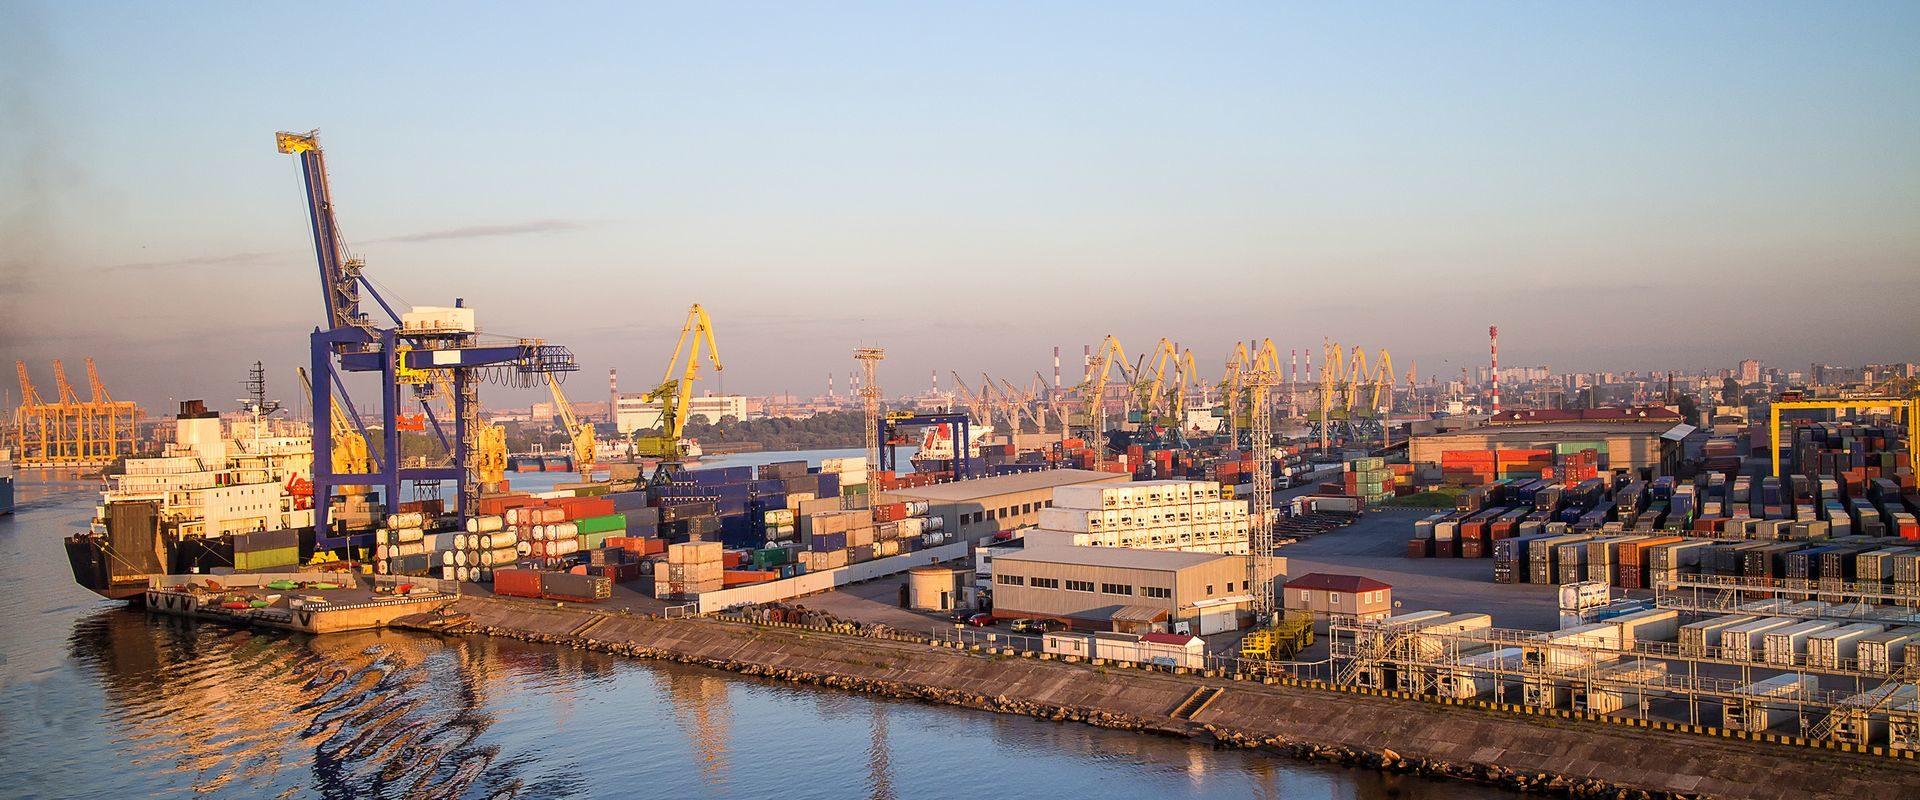 Rola opiniotwórcza i konsultacyjna w sprawach związanych z marynarskim rynkiem pracy i szkoleniem marynarzy realizowana we współpracy z administracją państwową i związkami zawodowymi